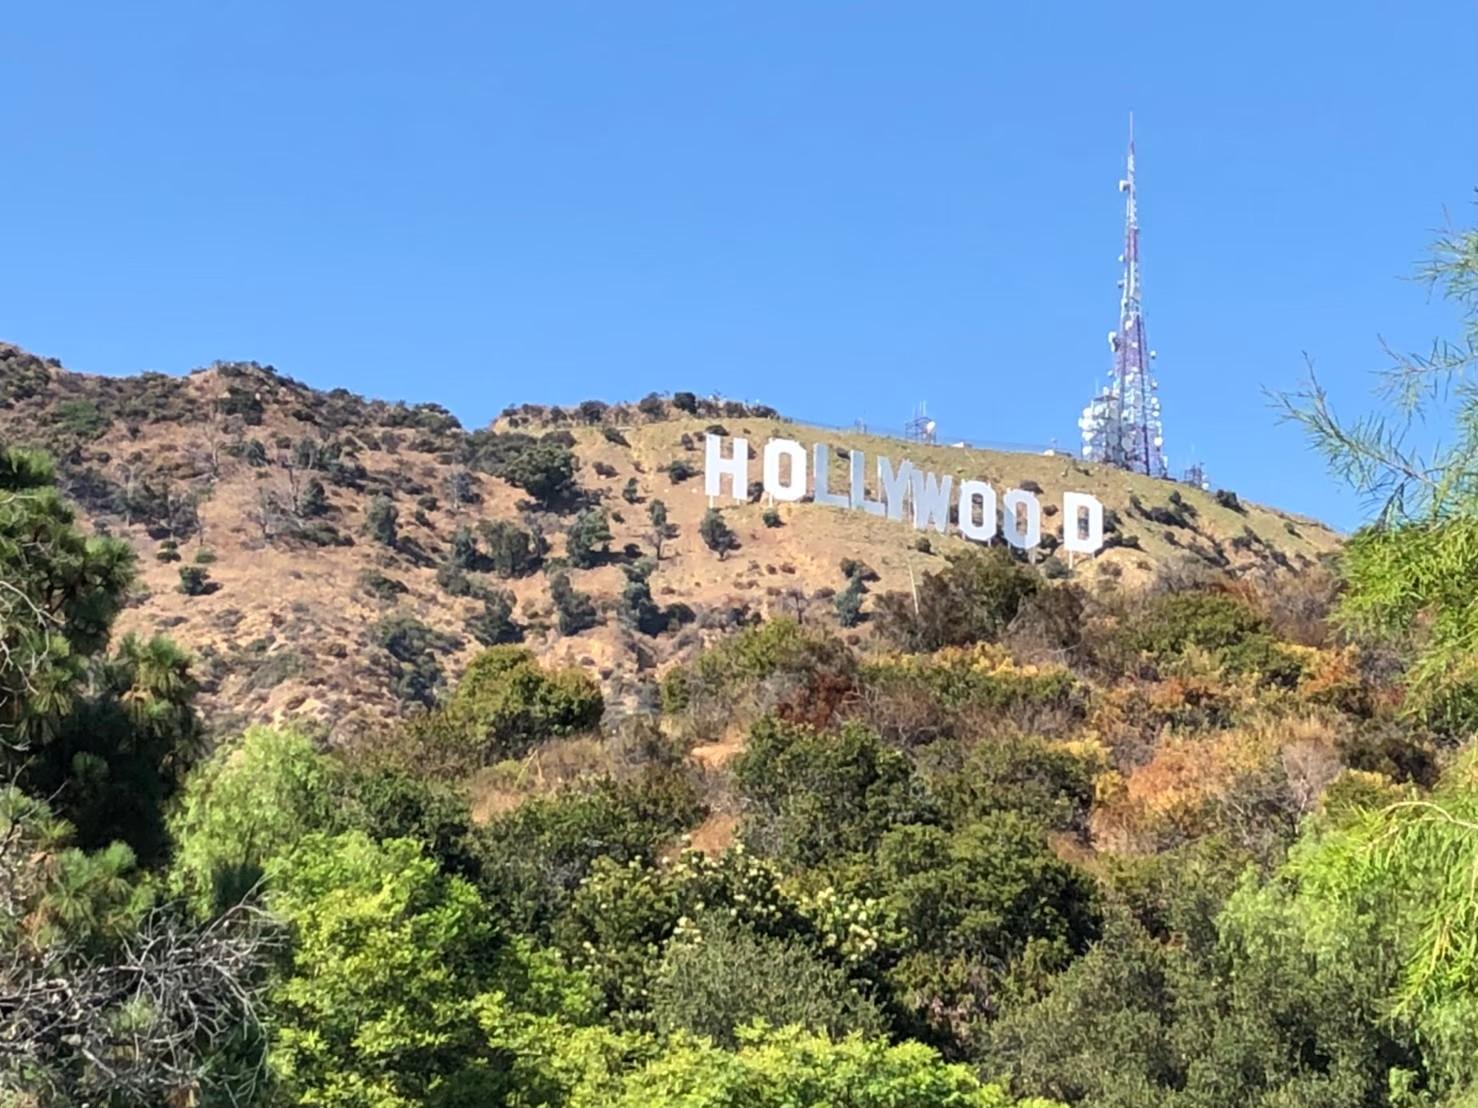 いつか旅したい「ロサンゼルス」 メジャーな観光地を巡る4泊6日よくばりコース